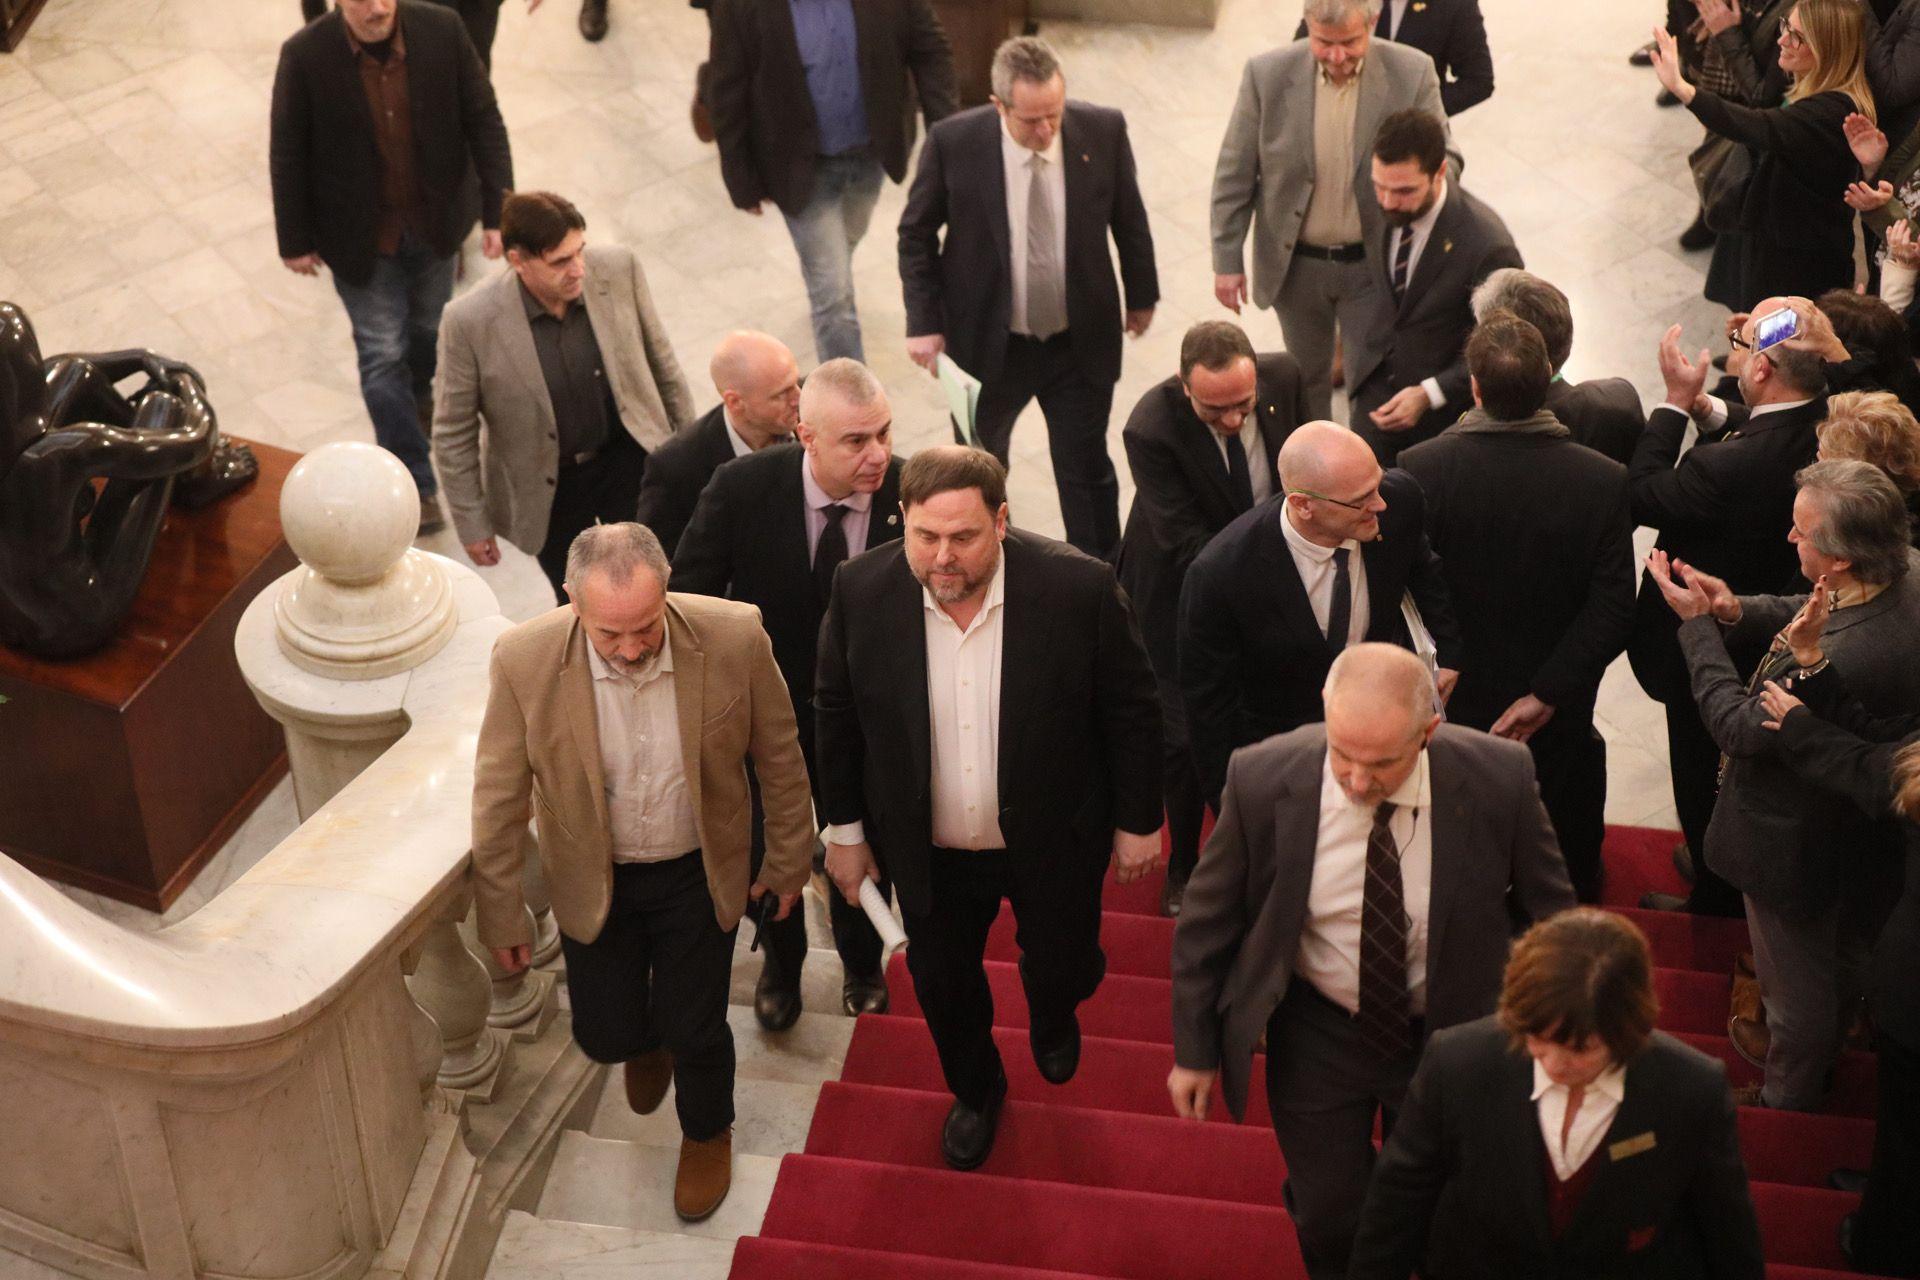 Els presos pol?tics arriben al Parlament. JORDI BORR?S